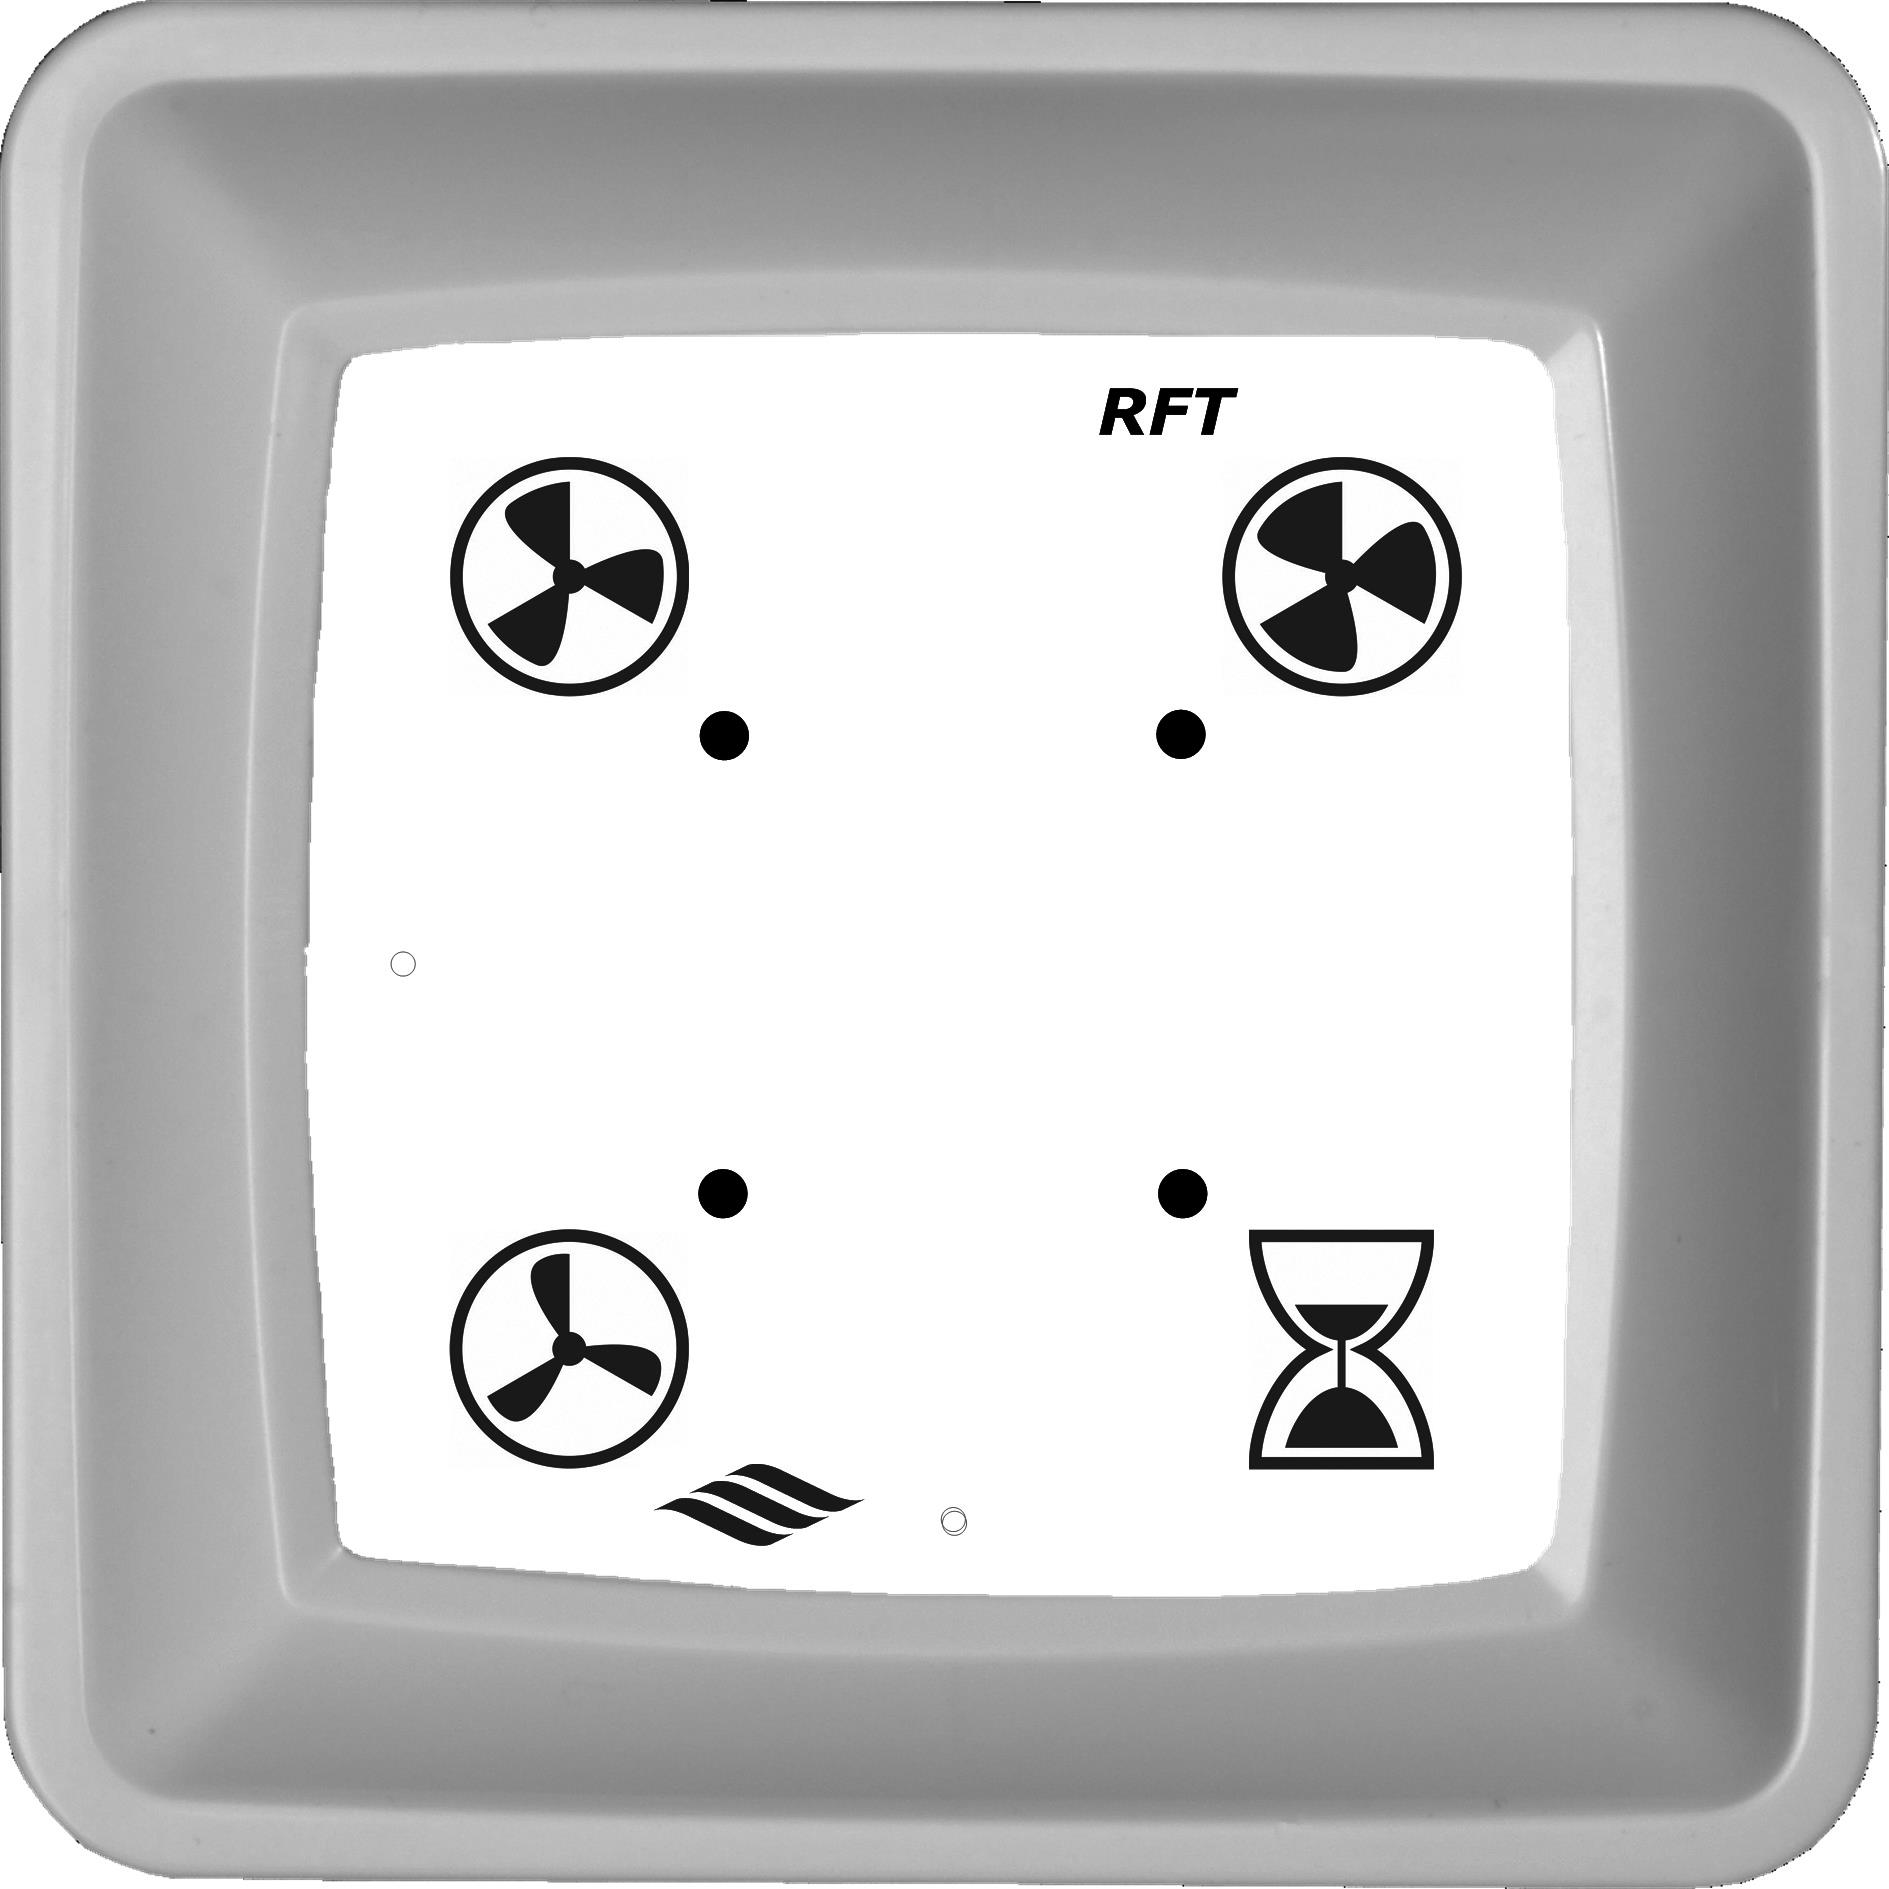 Itho Daalderop RFT Bedieningsschakelaar voor ventilator, laag/hoog/auto CO2, zender, toerentalregelaar, wit